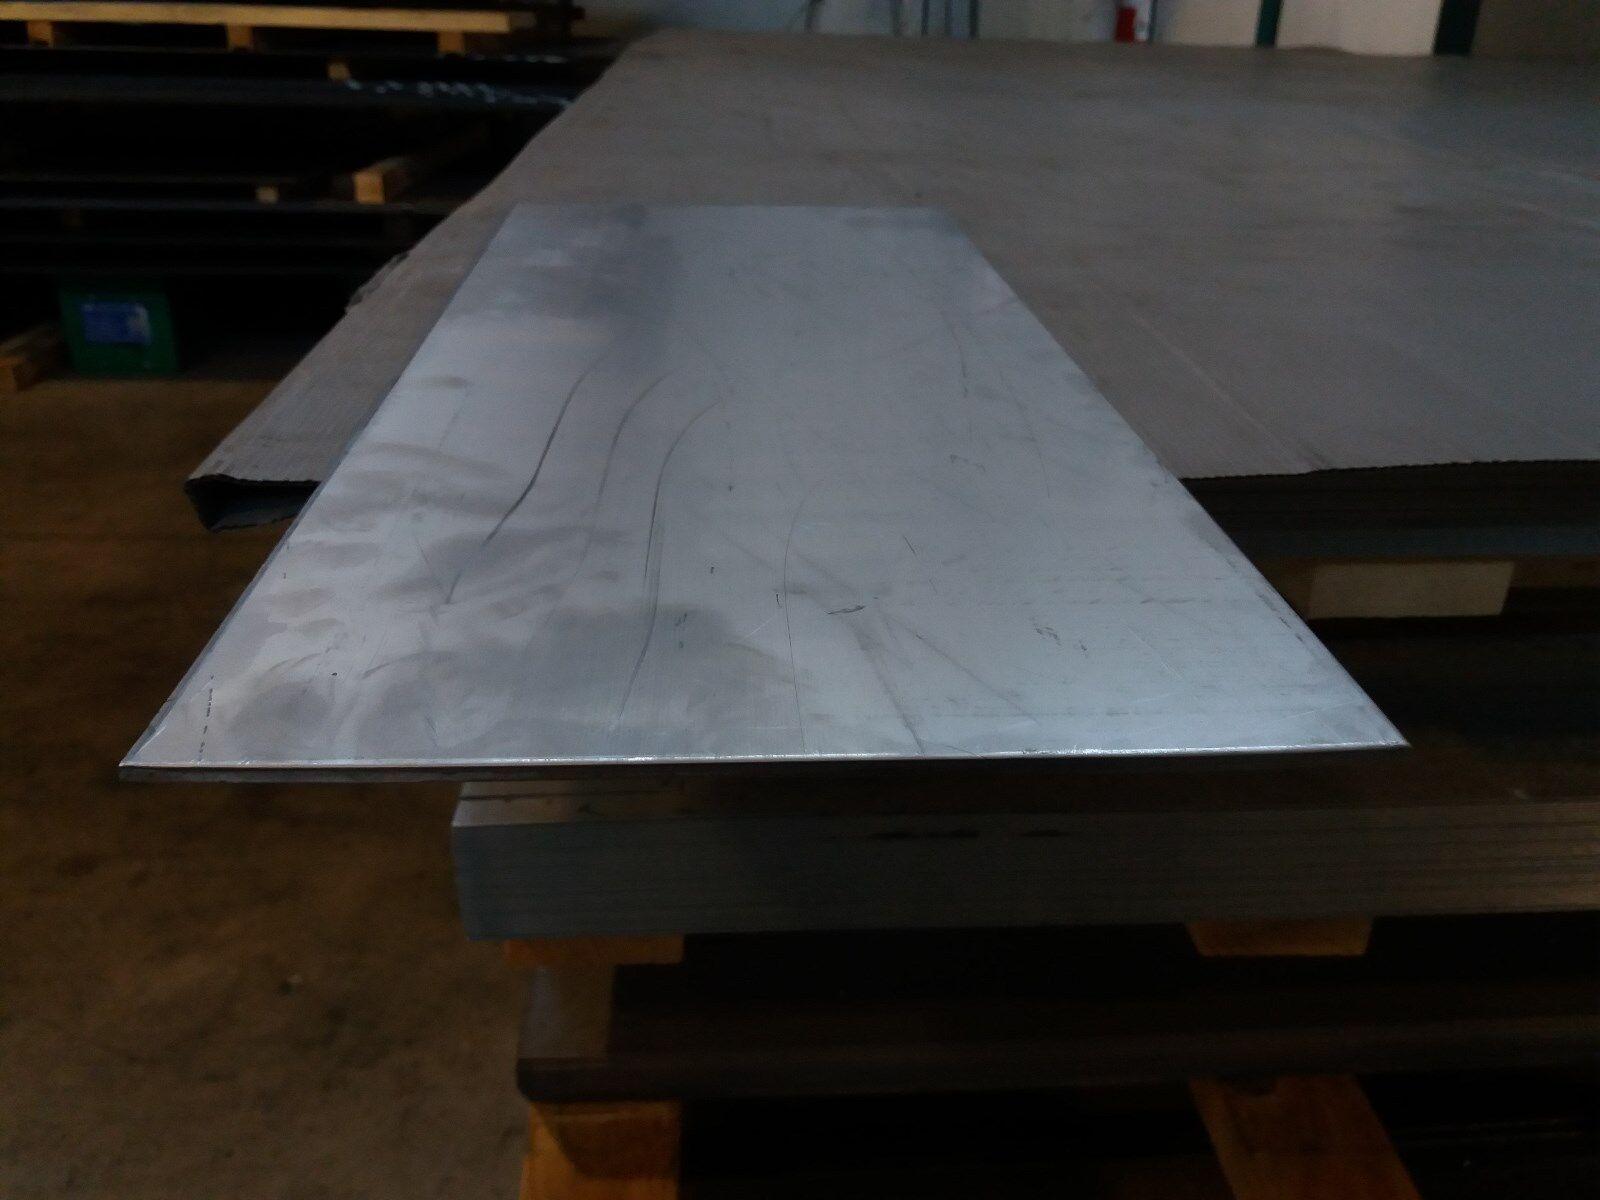 Lamiera piastra acciaio inox aisi 304 grezza spessore 3 for Peso lamiera acciaio inox aisi 304